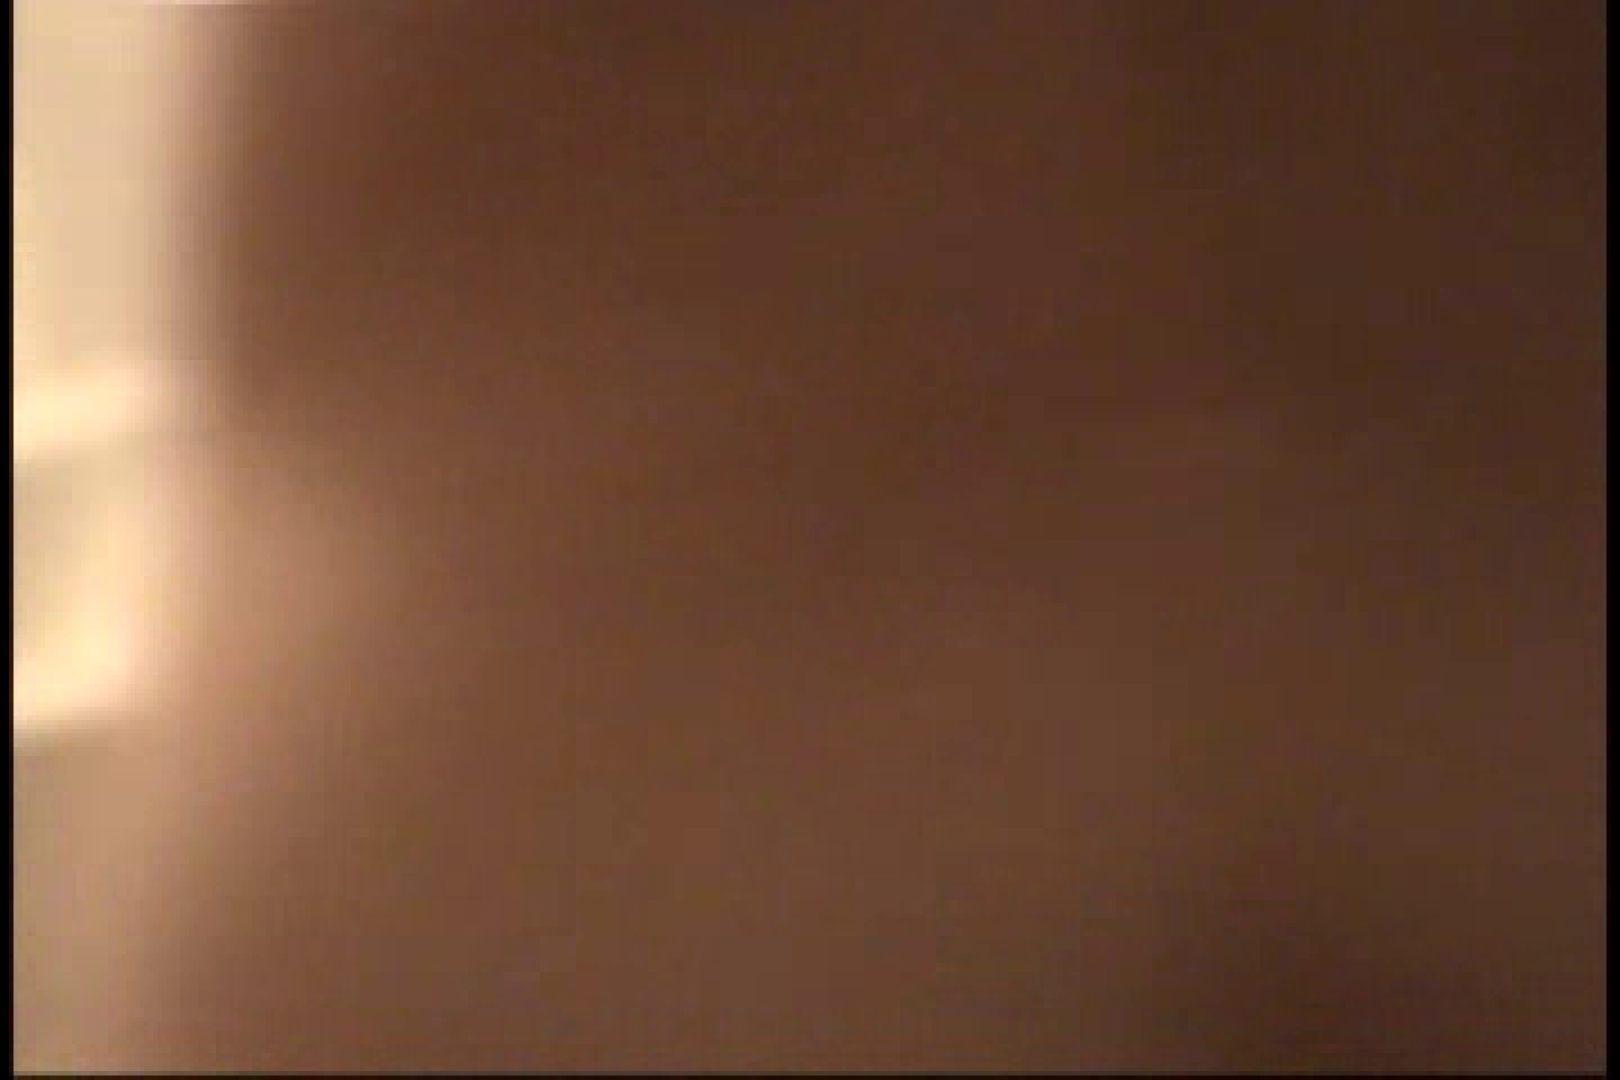 三ツ星シリーズ!!陰間茶屋独占!!第二弾!!イケメン羞恥心File.05 オナニー ゲイセックス画像 106pic 3